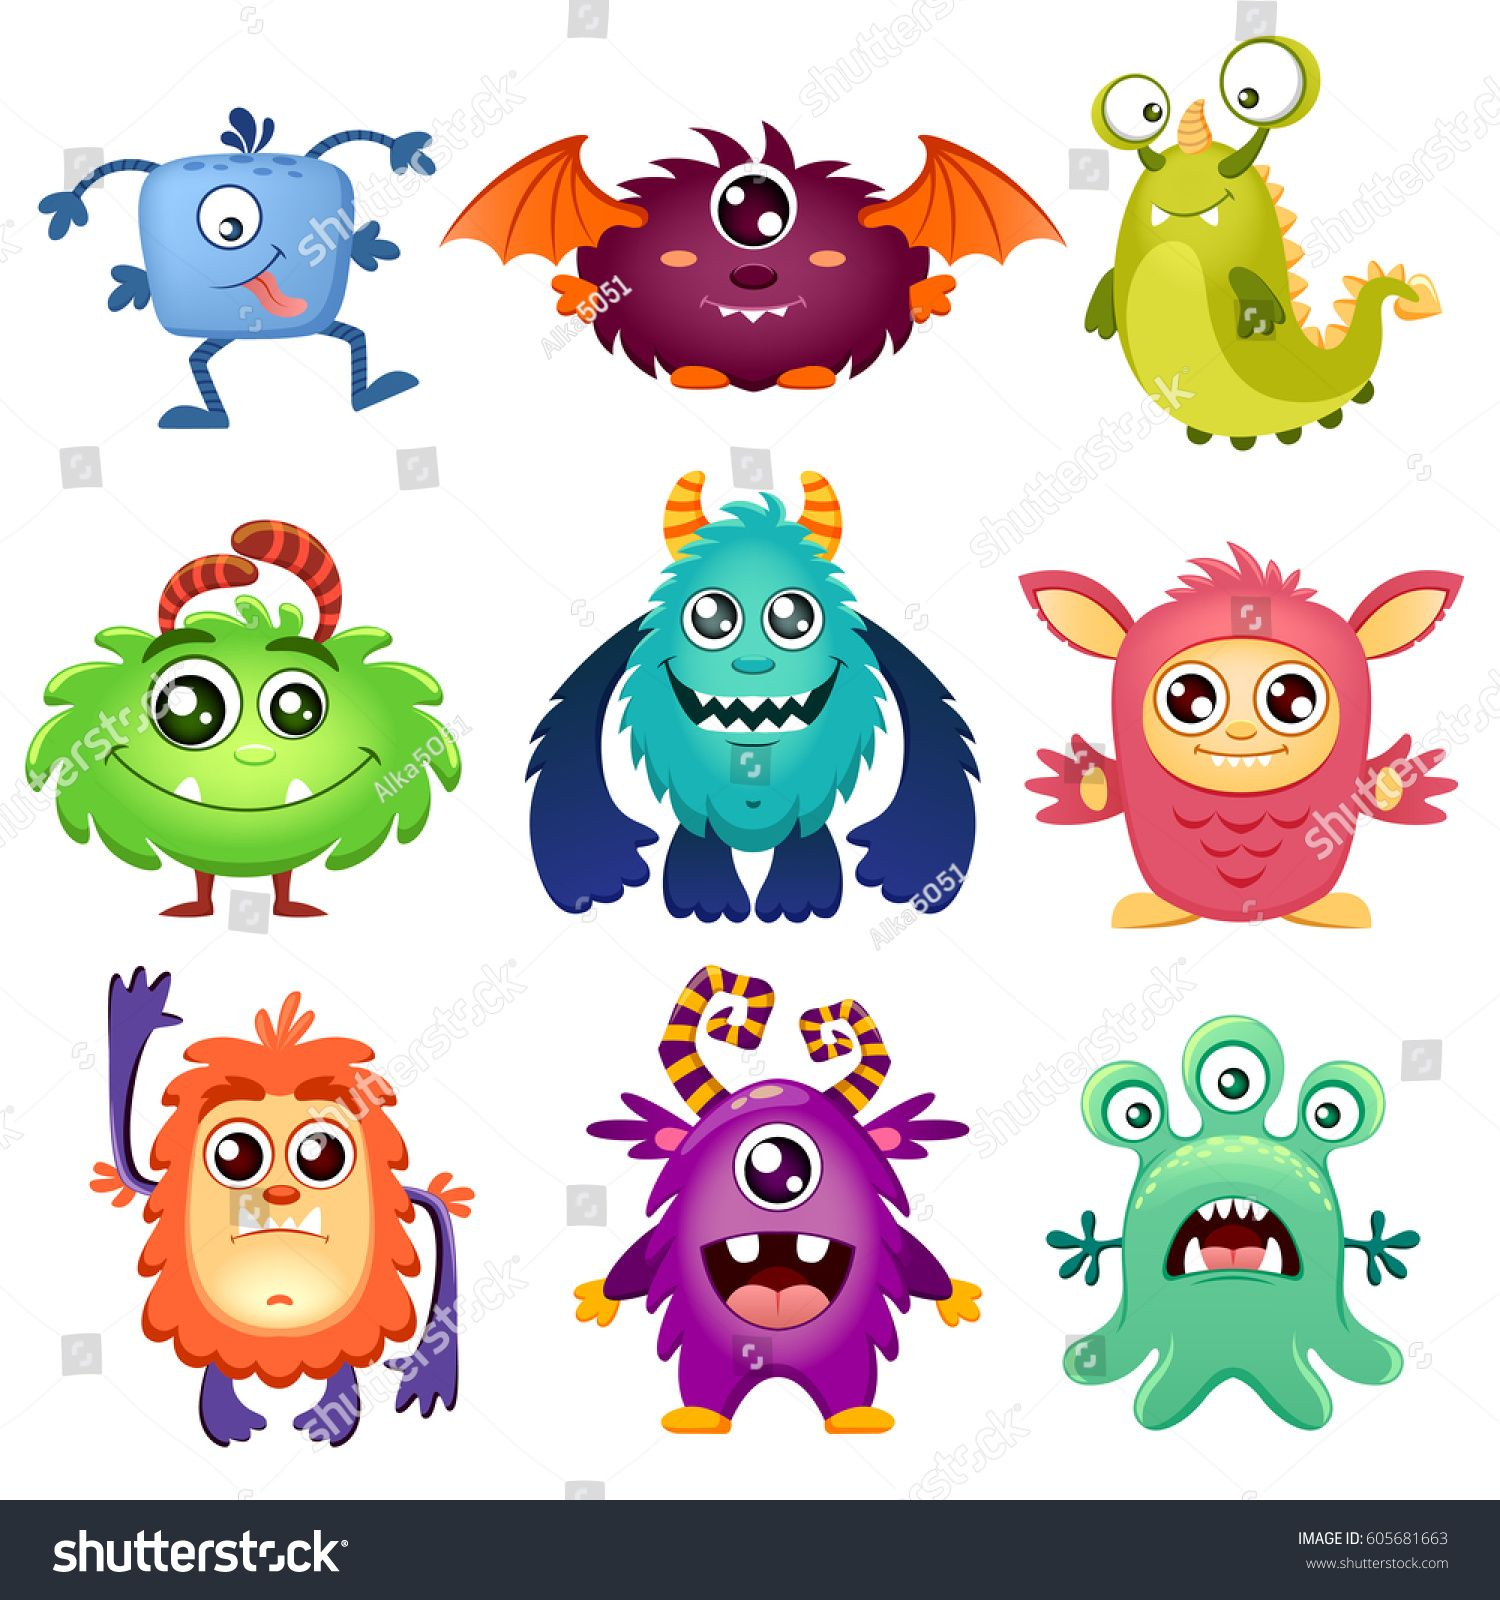 Cute Cartoon Monsters Multiplikacionnye Risunki Tatu Monstr Milyj Multfilm